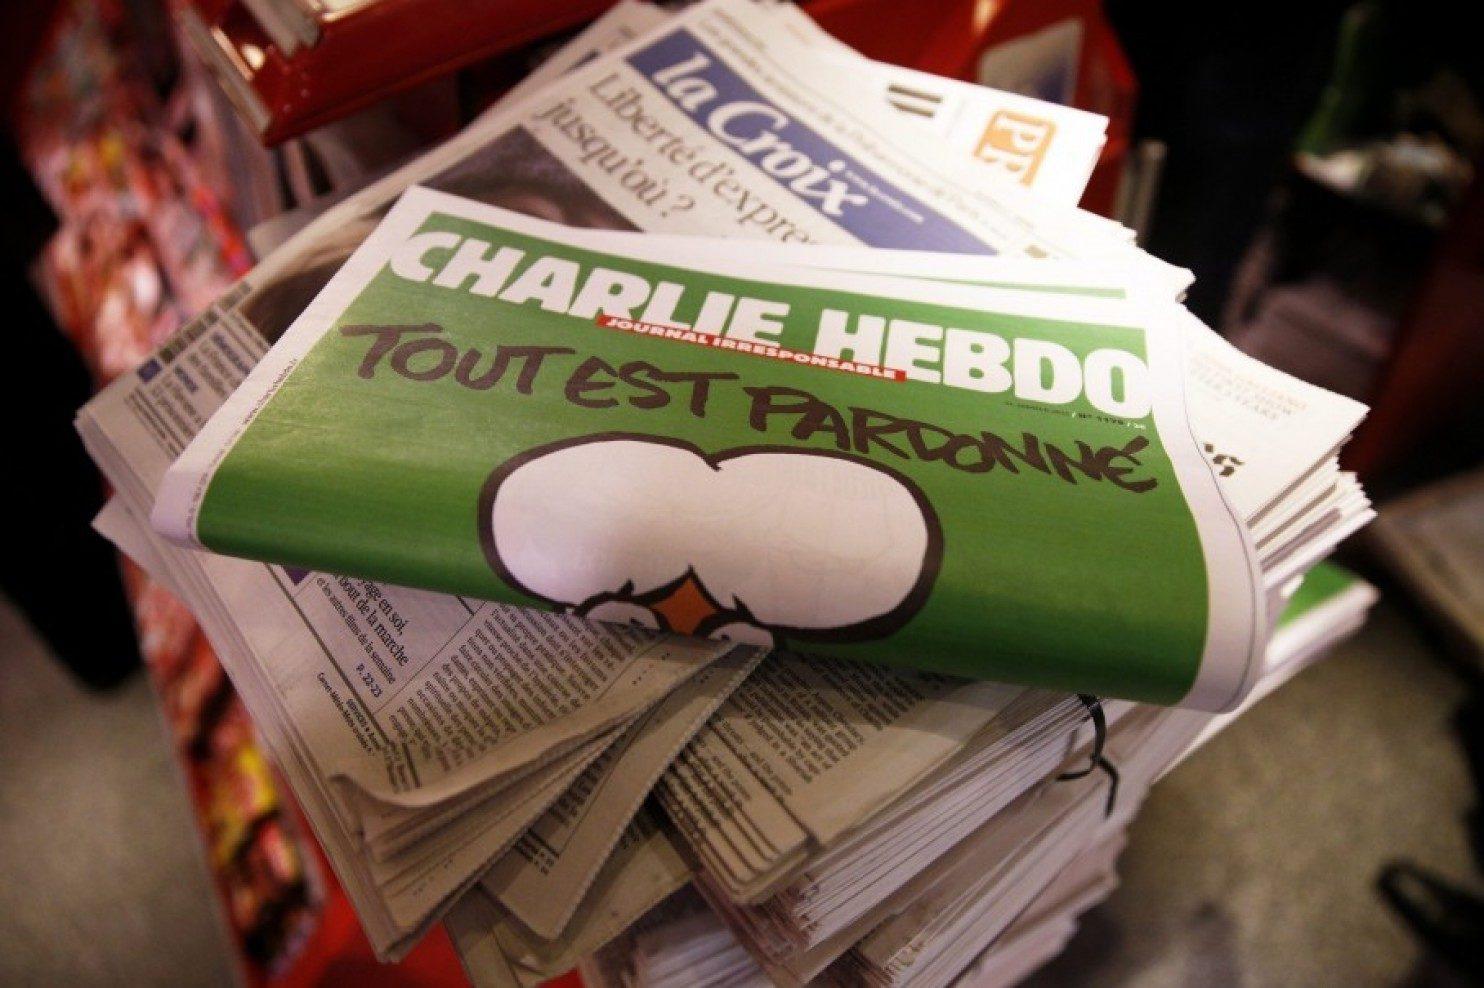 incontro musulmani per il matrimonio francia